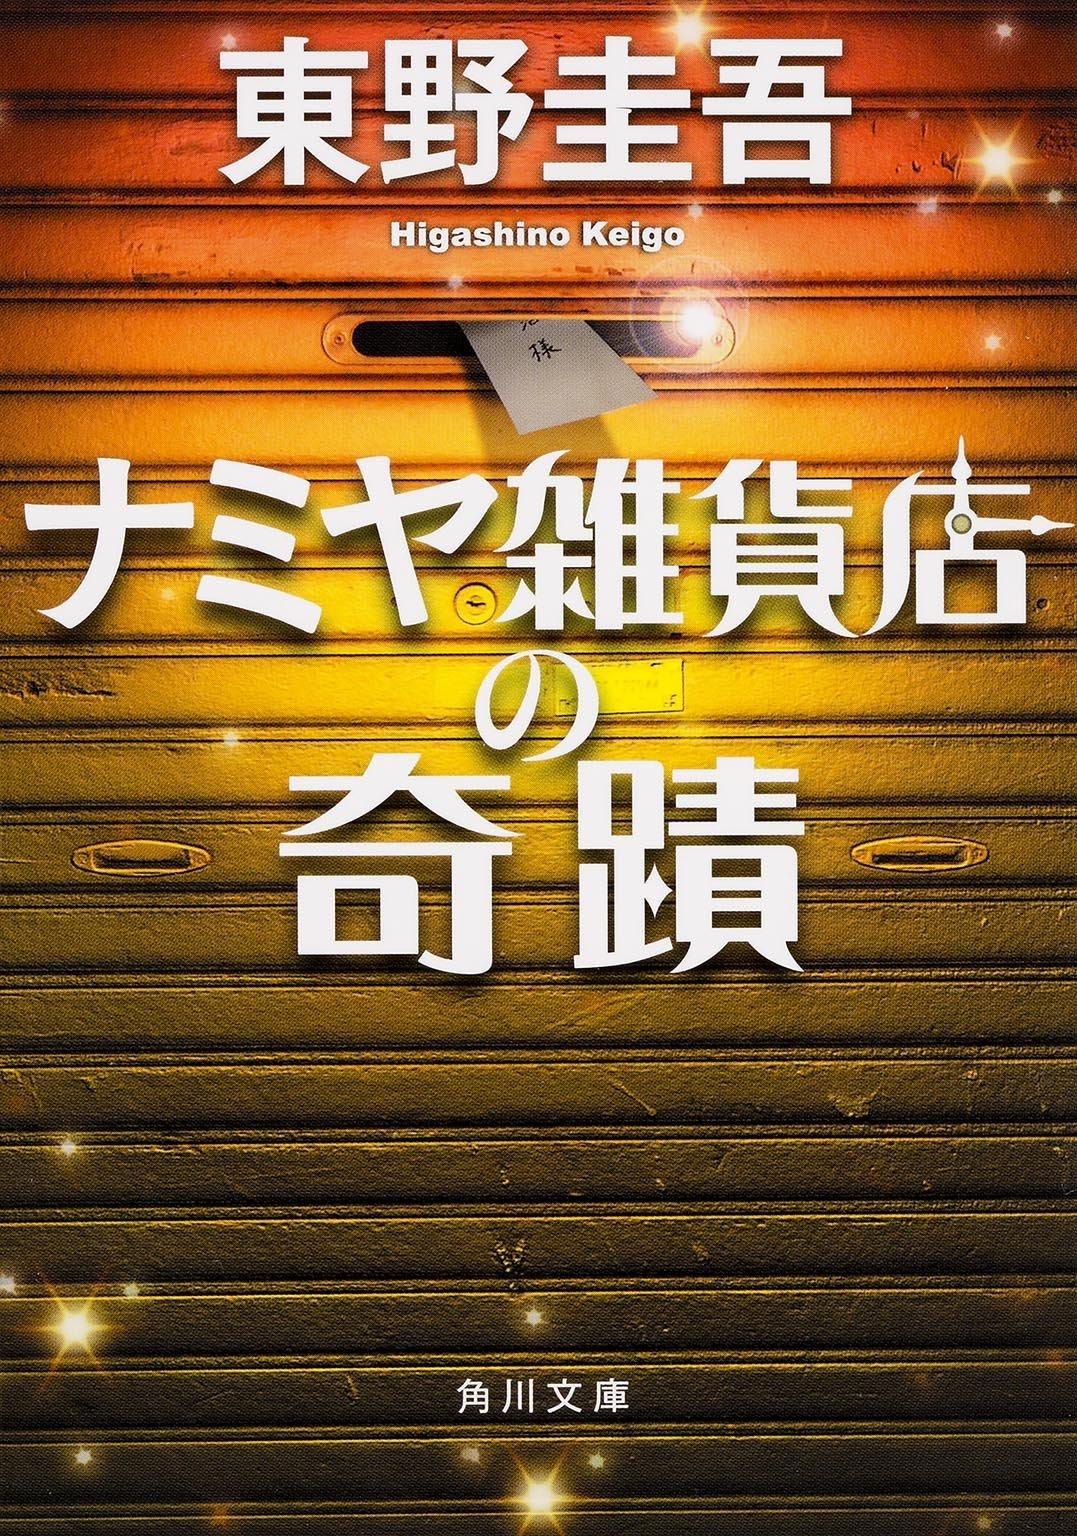 ナミヤ雑貨店の奇蹟|東野圭吾